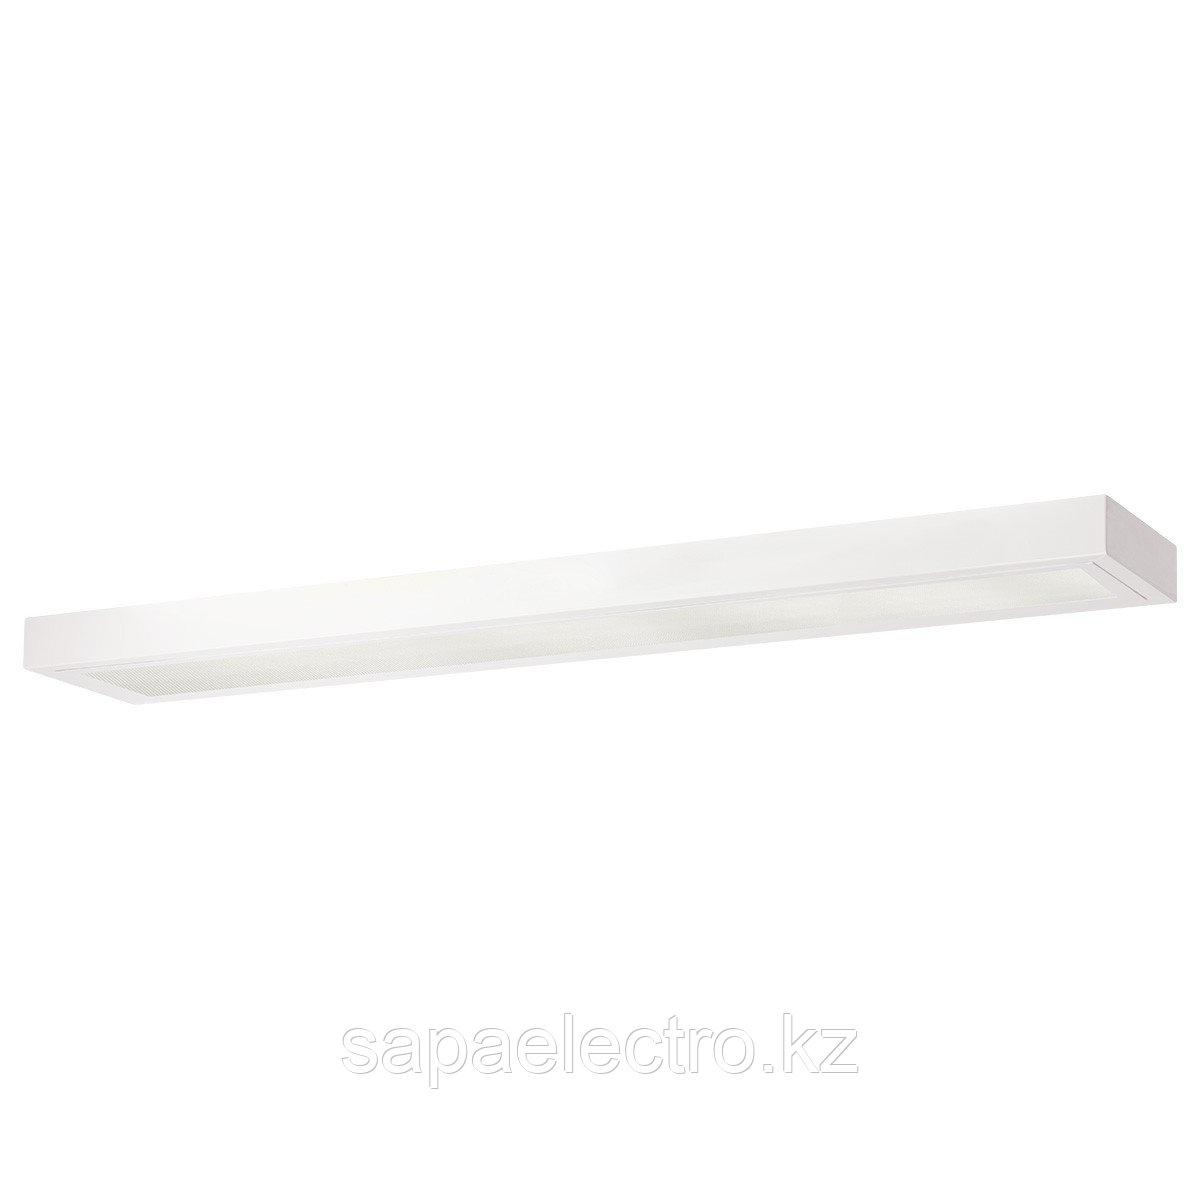 Св LEDTUBE  1x18W/ 120см PINSPOT MODERNA (с лампой)